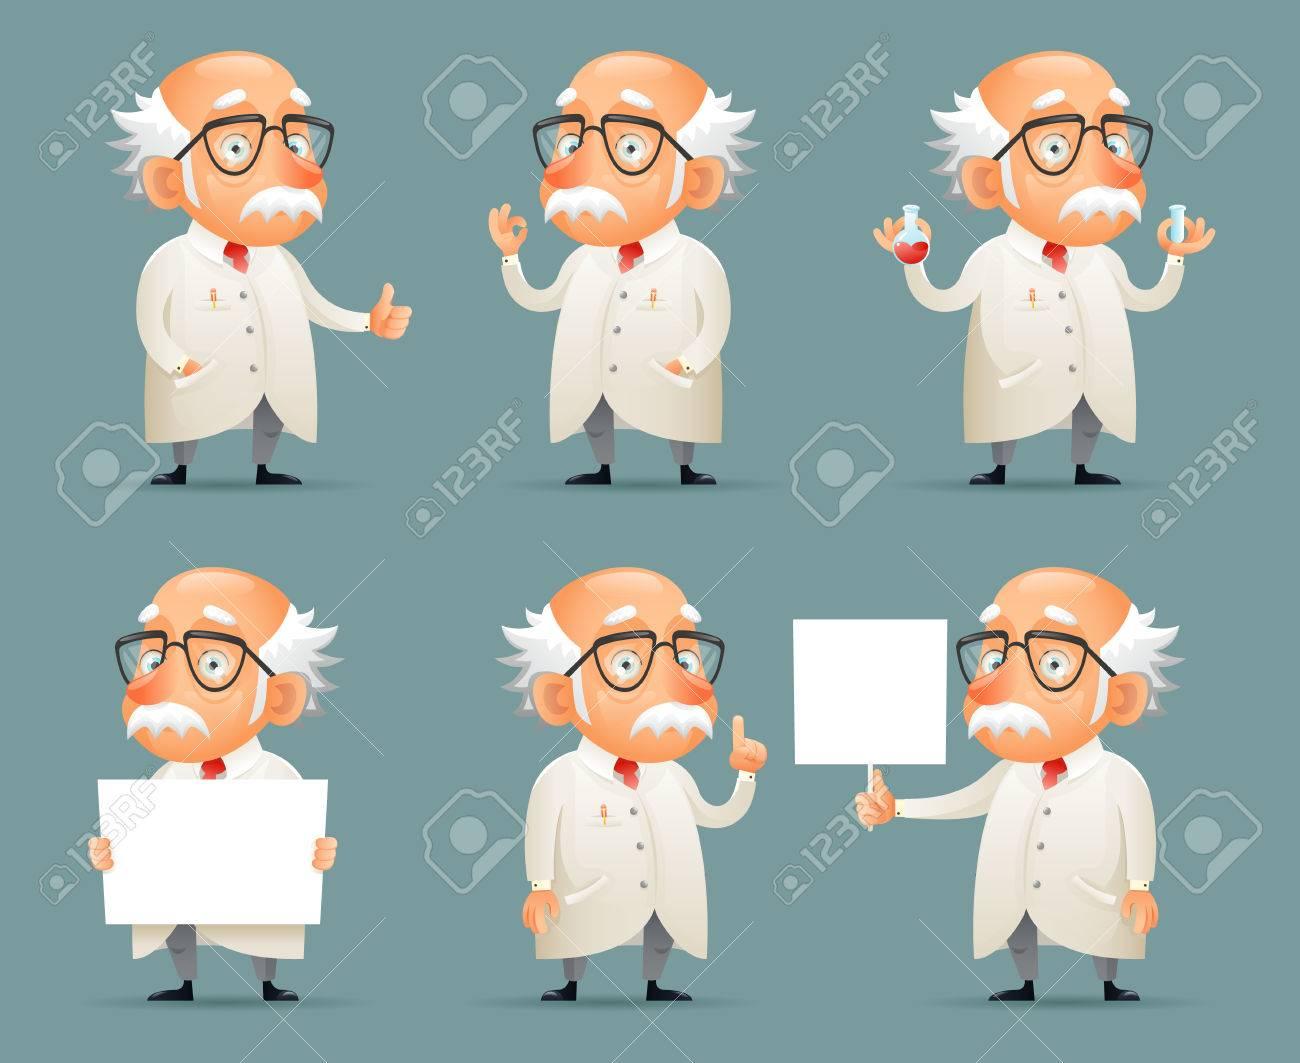 Les anciens icônes de personnage de Scientist Set Retro Cartoon Design Mobile Game Vector Illustration Banque d'images - 74655387